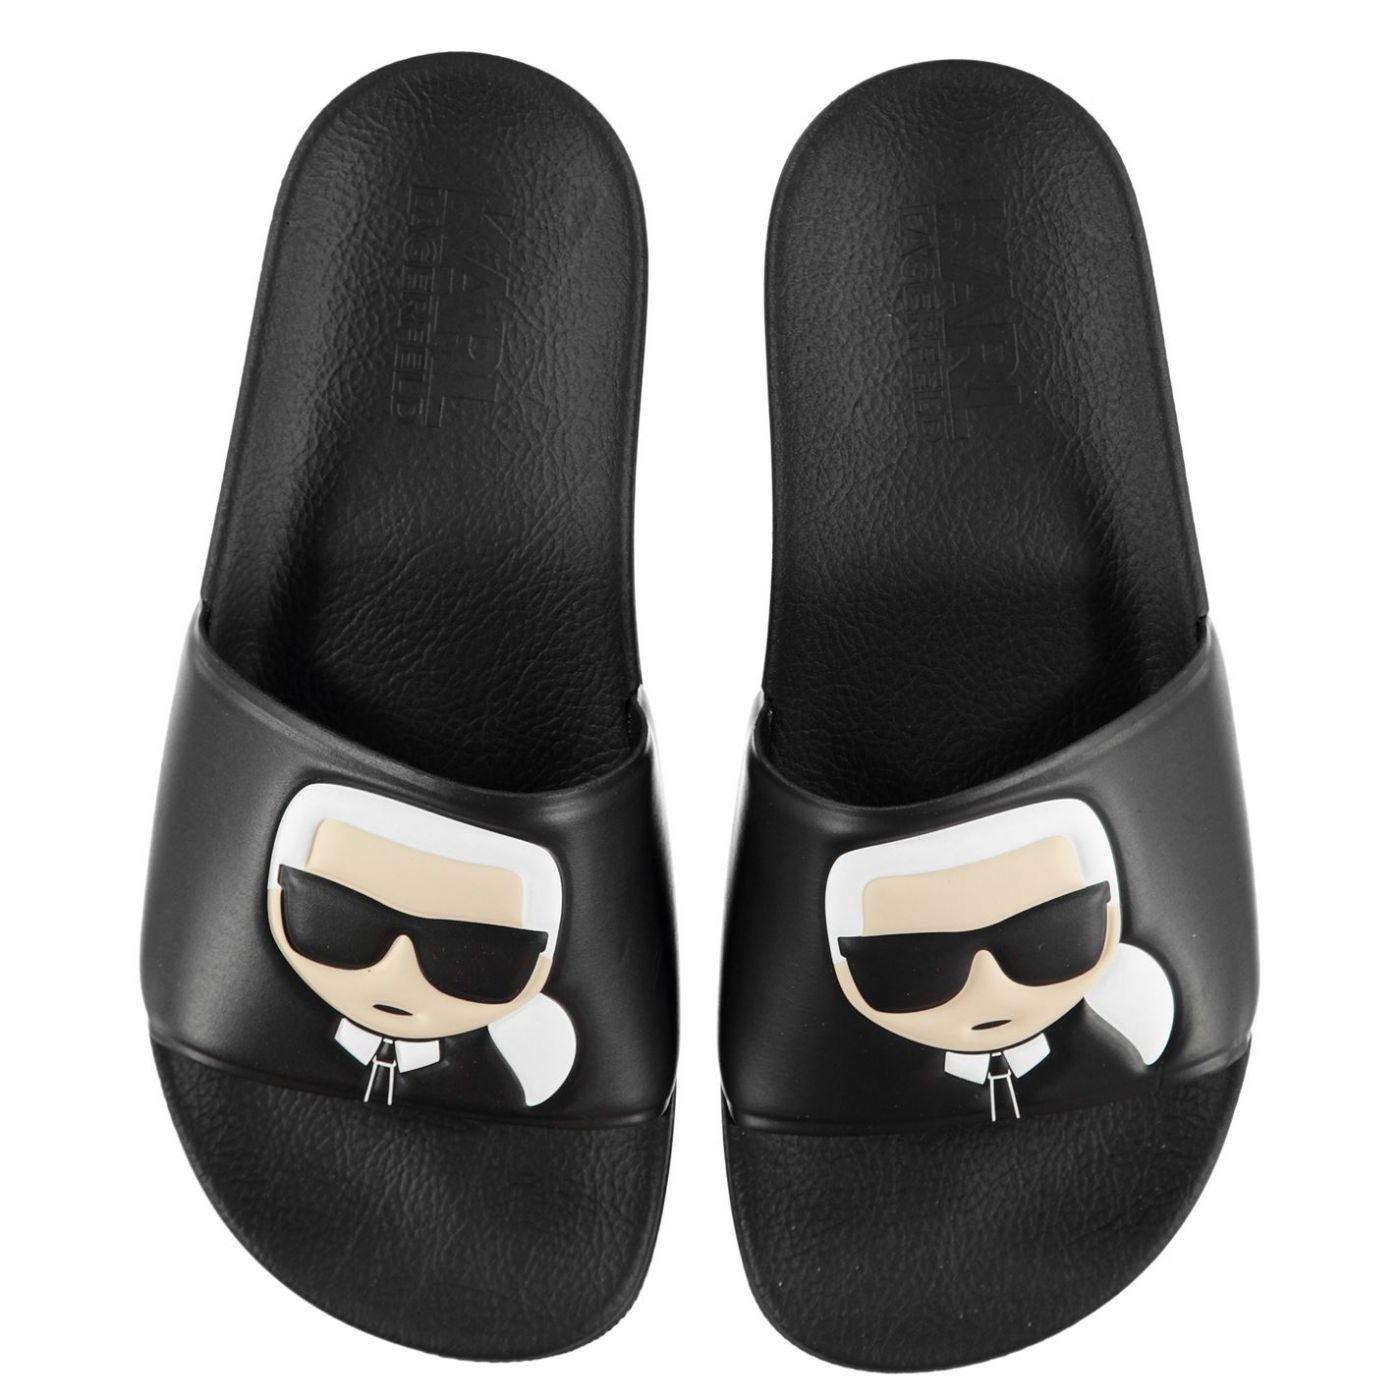 Karl Lagerfeld Kondo Sliders